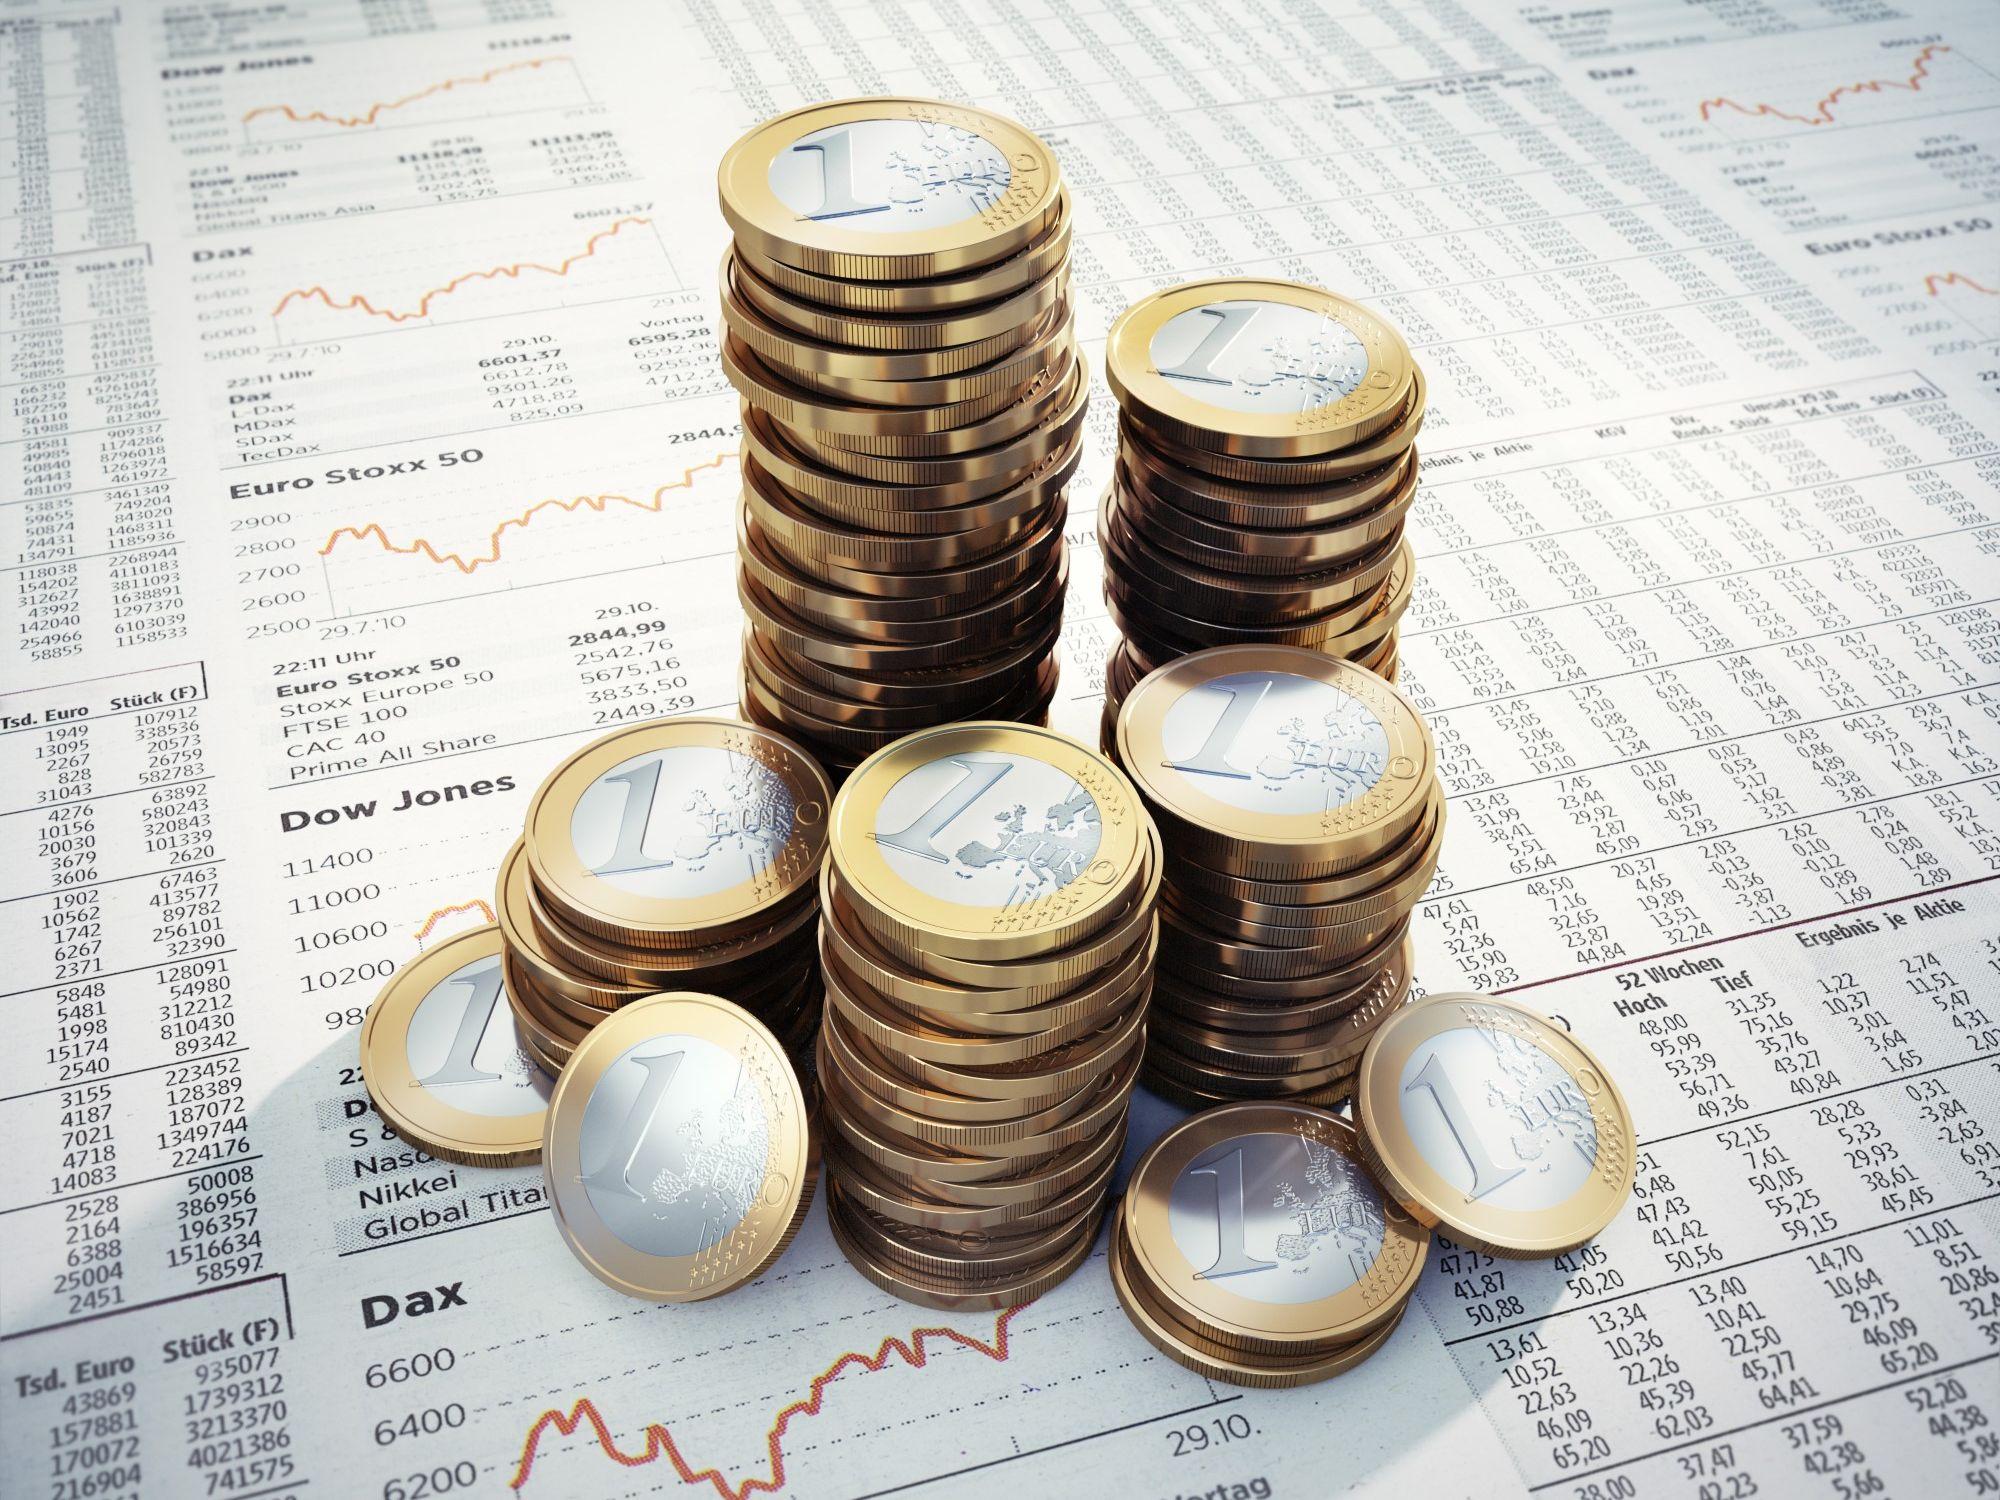 Mehr Netto vom Brutto durch Veranlagung vor Steuern